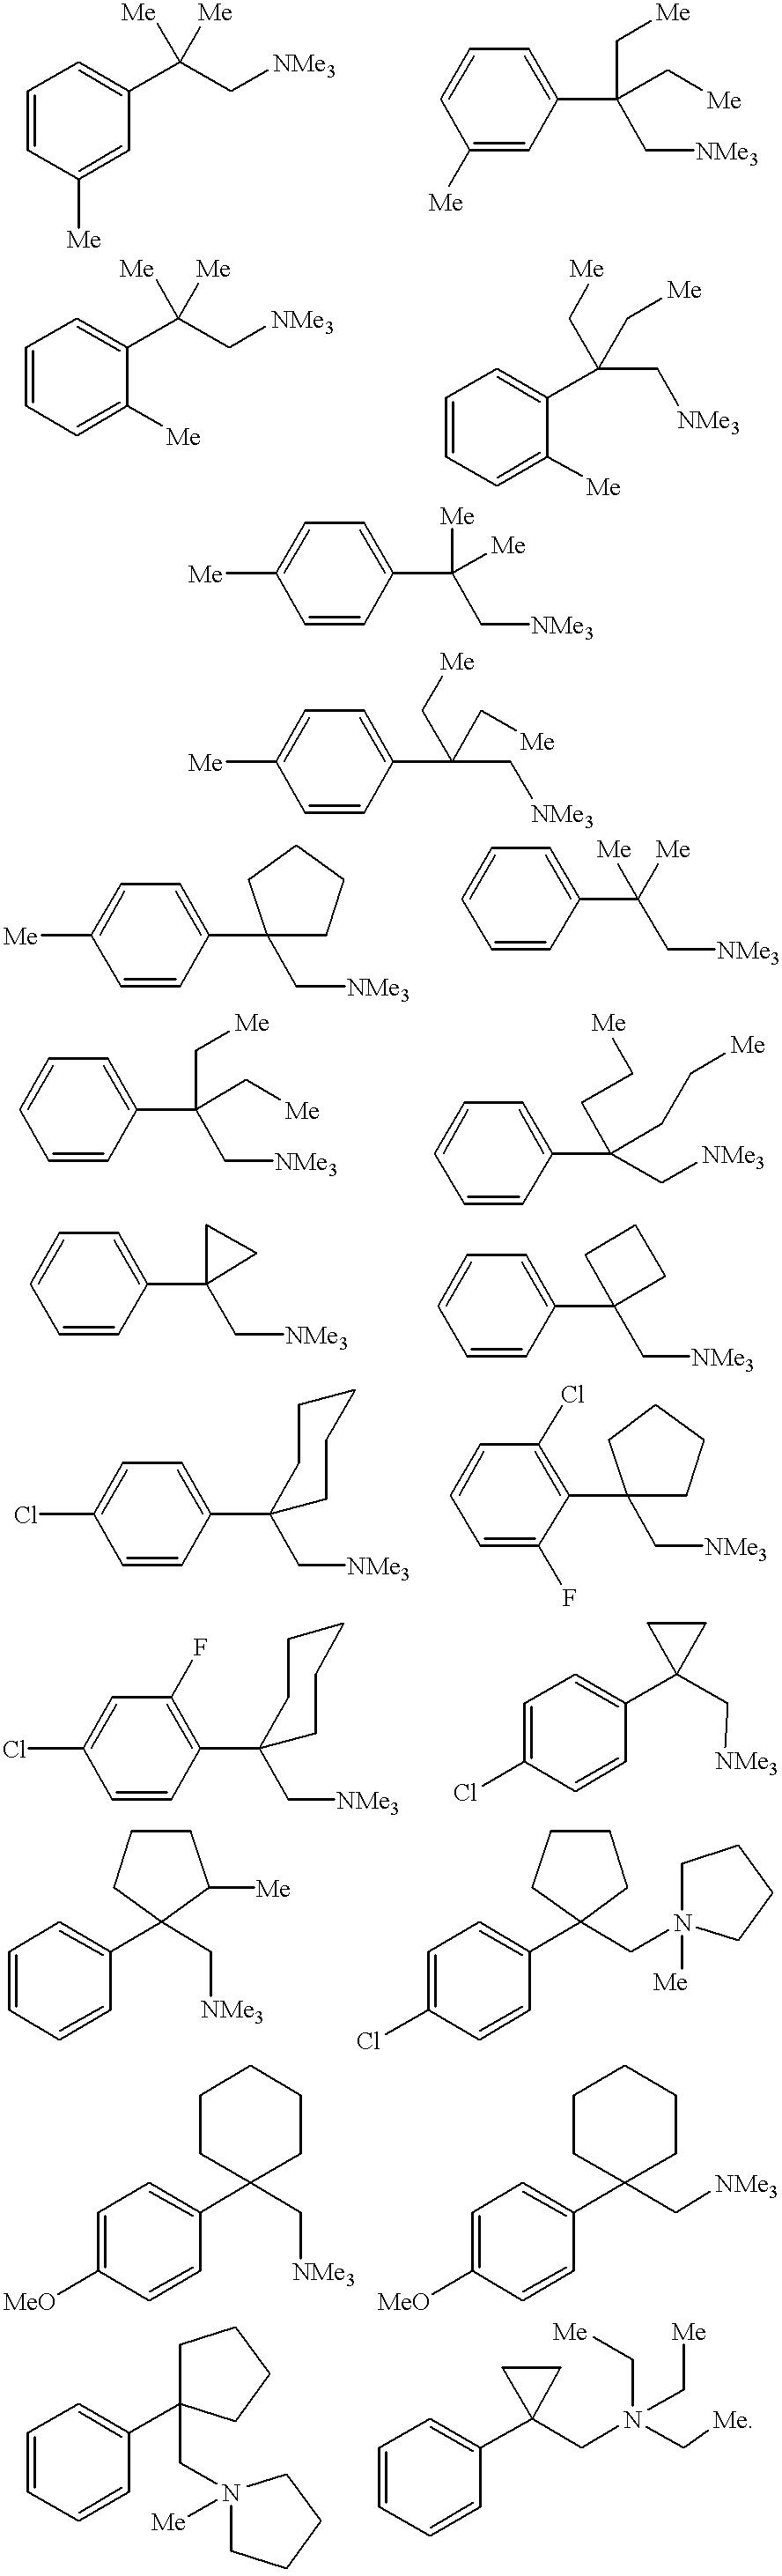 Figure US20020085976A1-20020704-C00044